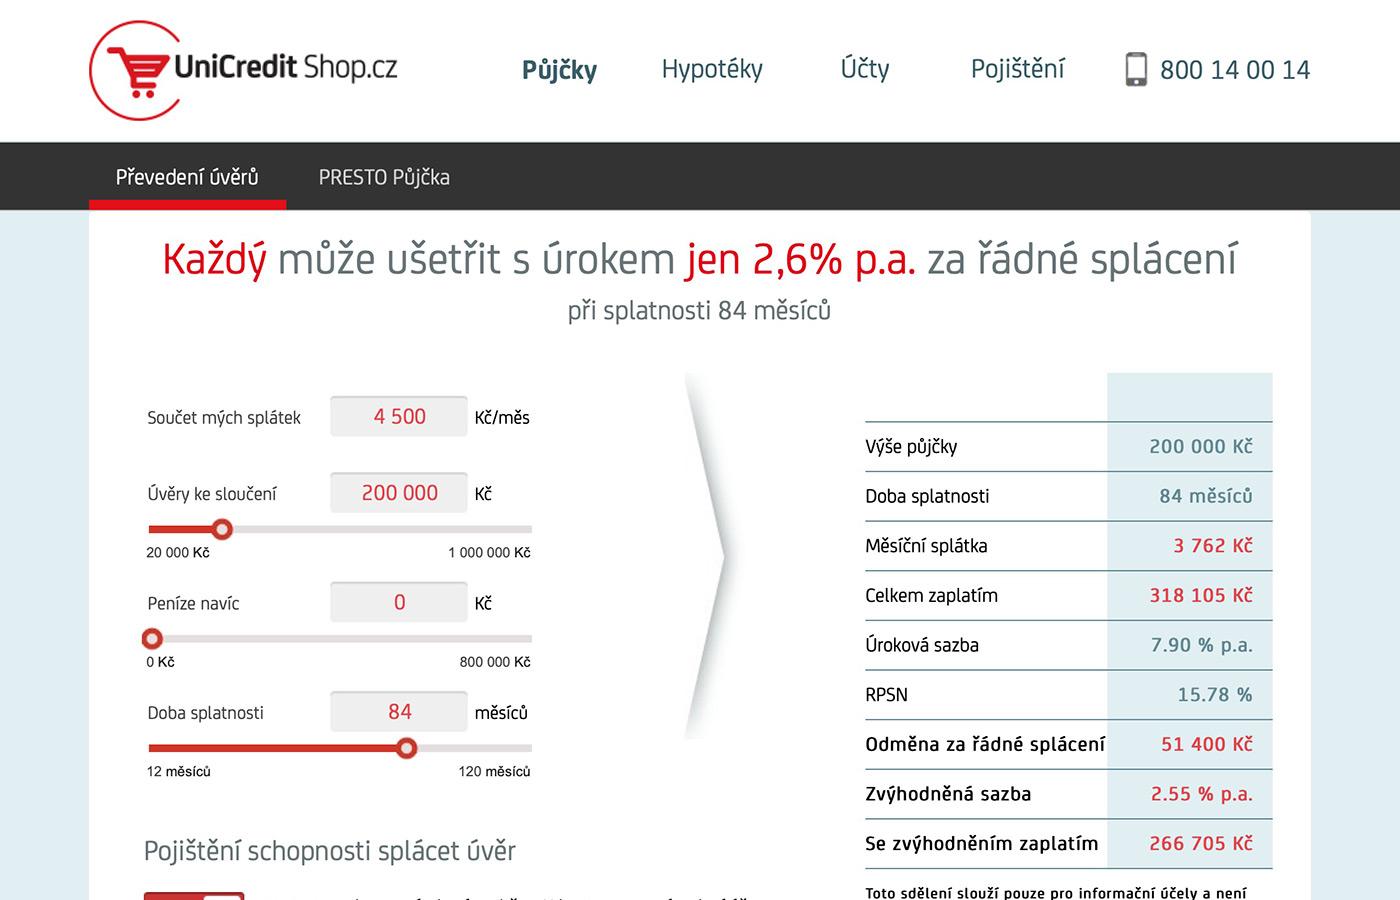 Webové stránky https://www.unicreditshop.cz/online-pujcky#/slouceni-uveru